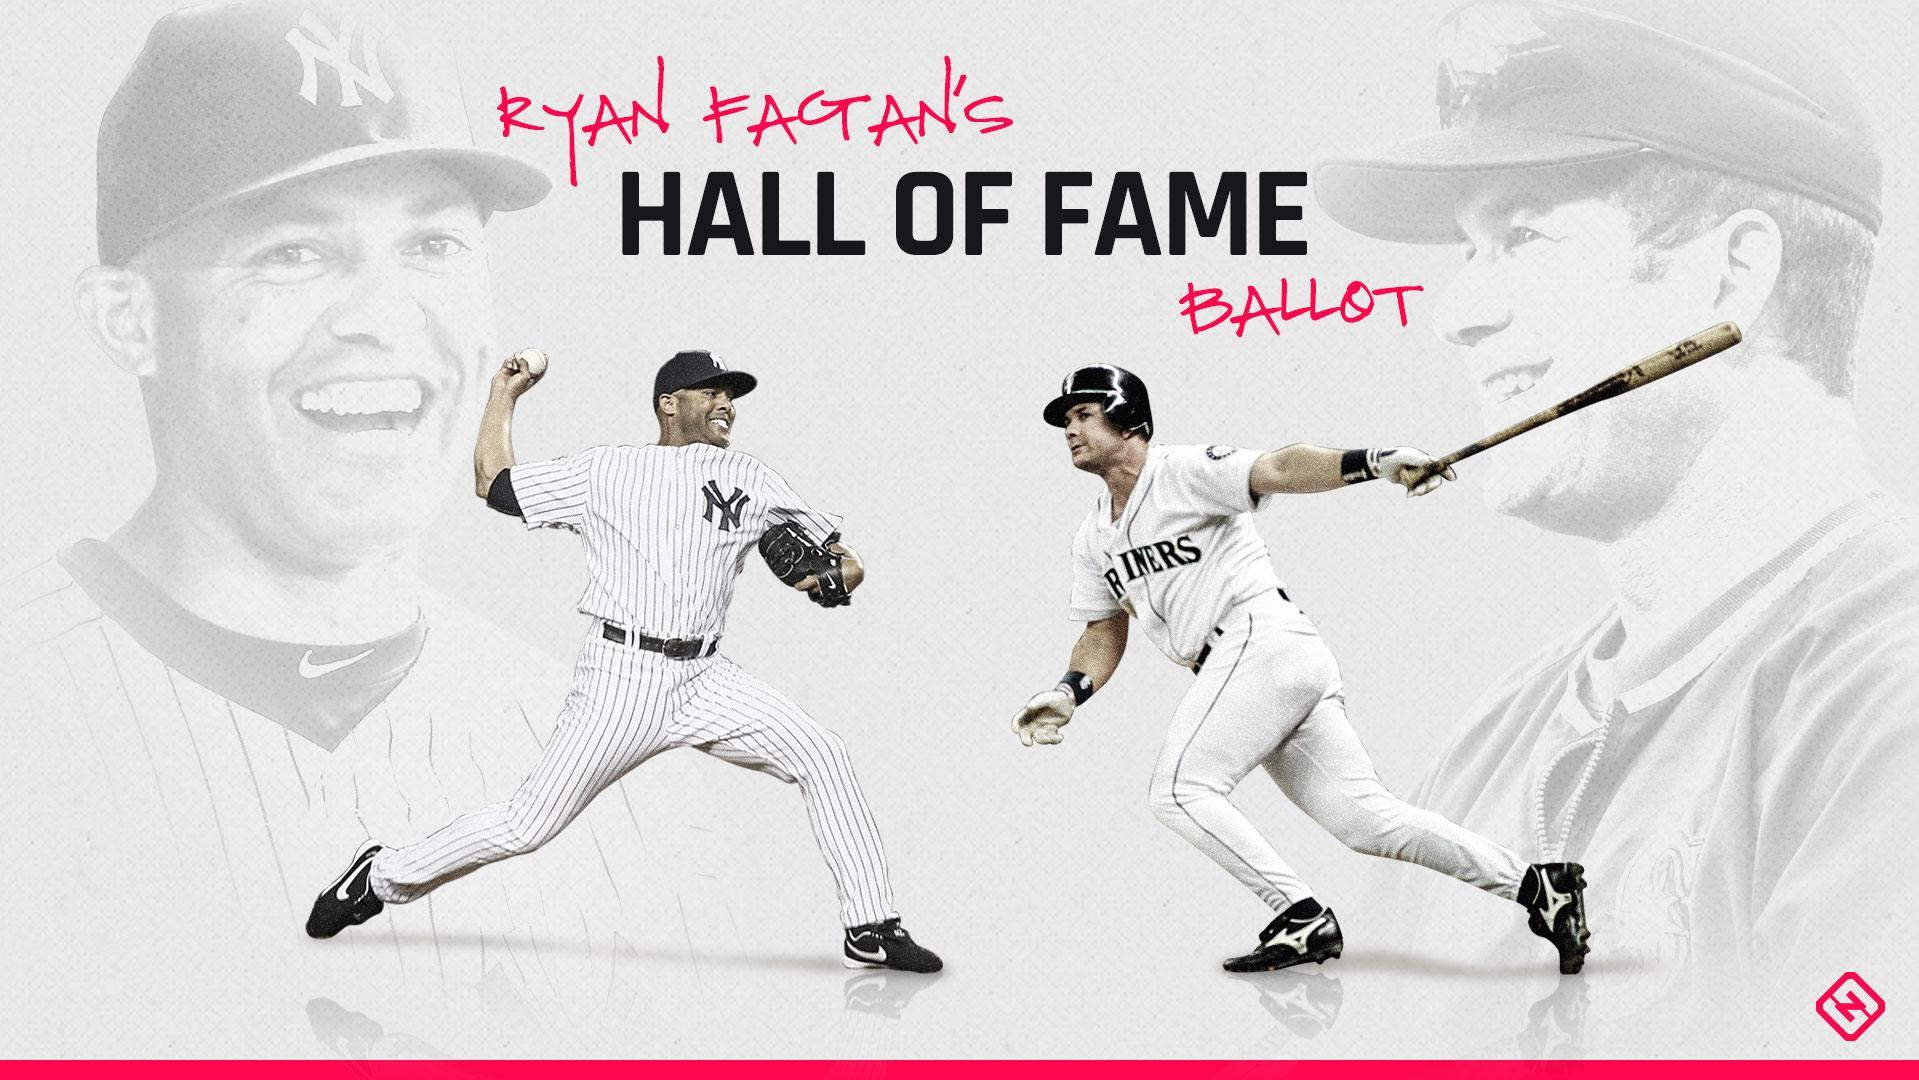 4ad40668f4 Baseball Hall of Fame 2019: SN's Ryan Fagan explains his ballot ...